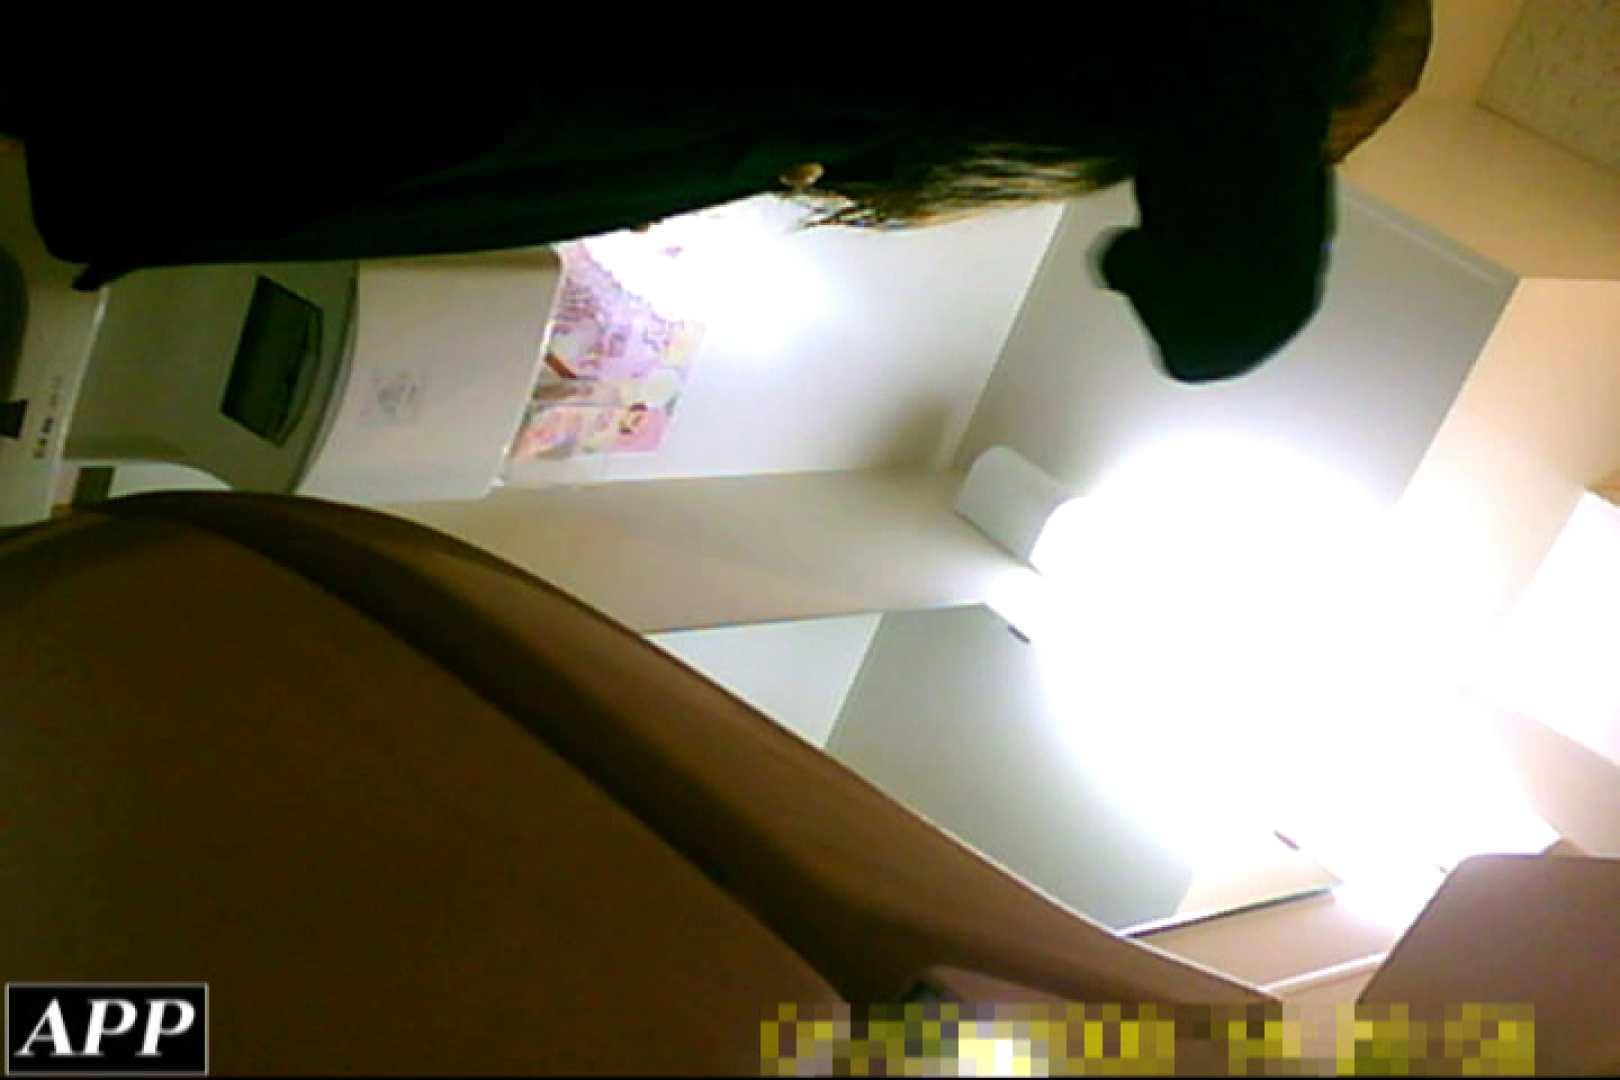 3視点洗面所 vol.147 OLセックス 盗撮われめAV動画紹介 83画像 26